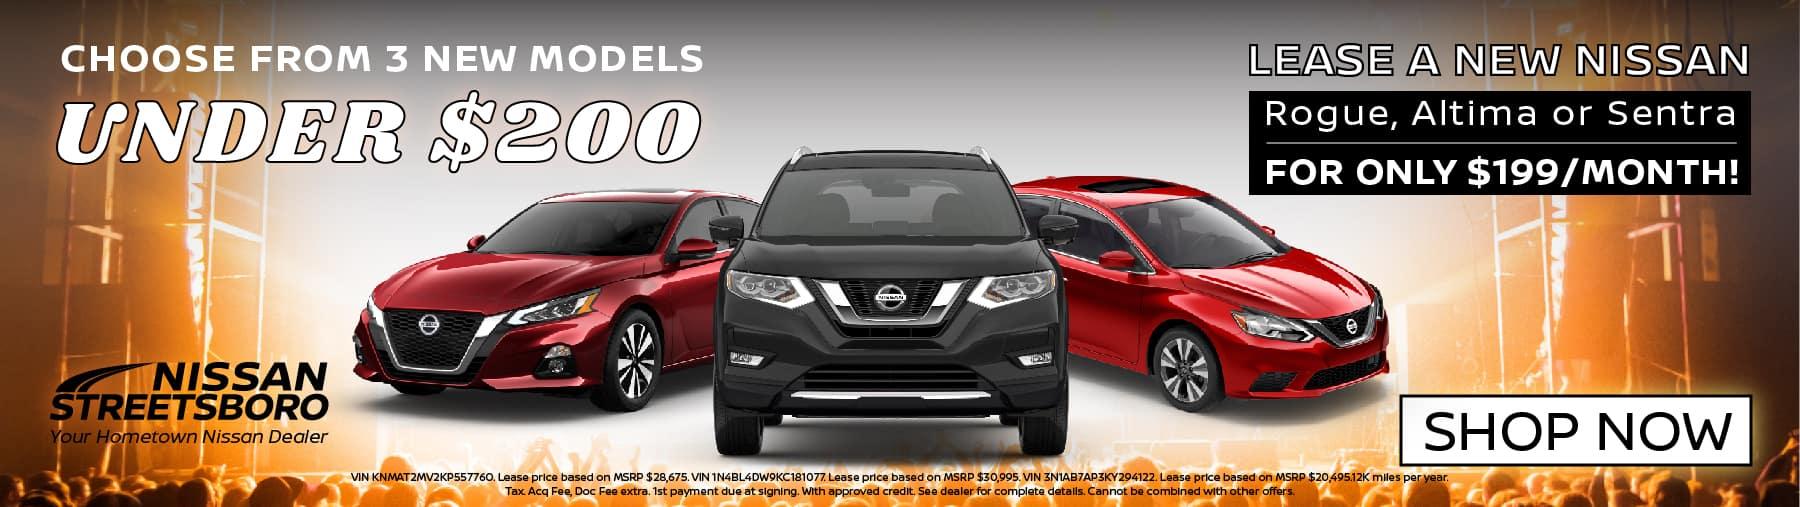 New Nissans Under $200 per Month